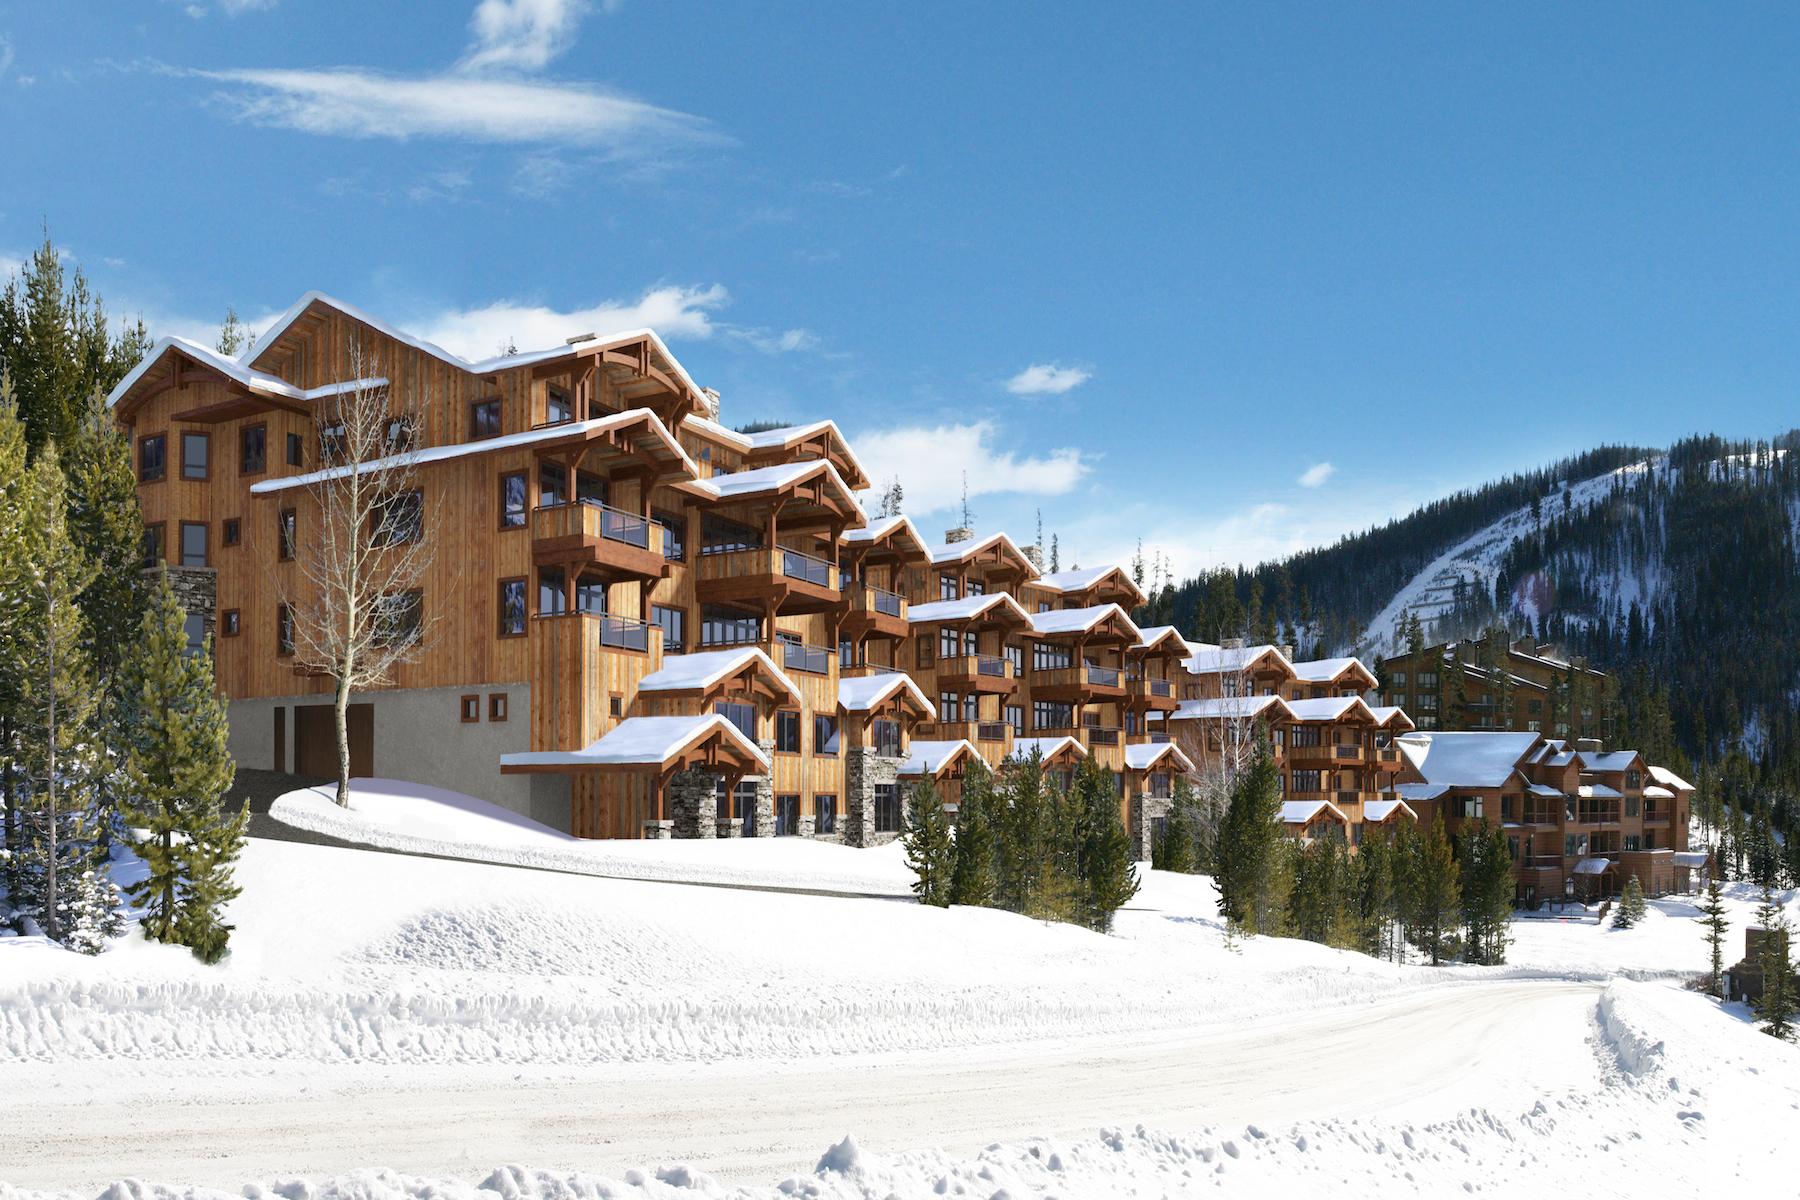 Кооперативная квартира для того Продажа на New Construction Mountain Lake Condo 2 Summit View Road Unit 502 Big Sky, Монтана 59716 Соединенные Штаты